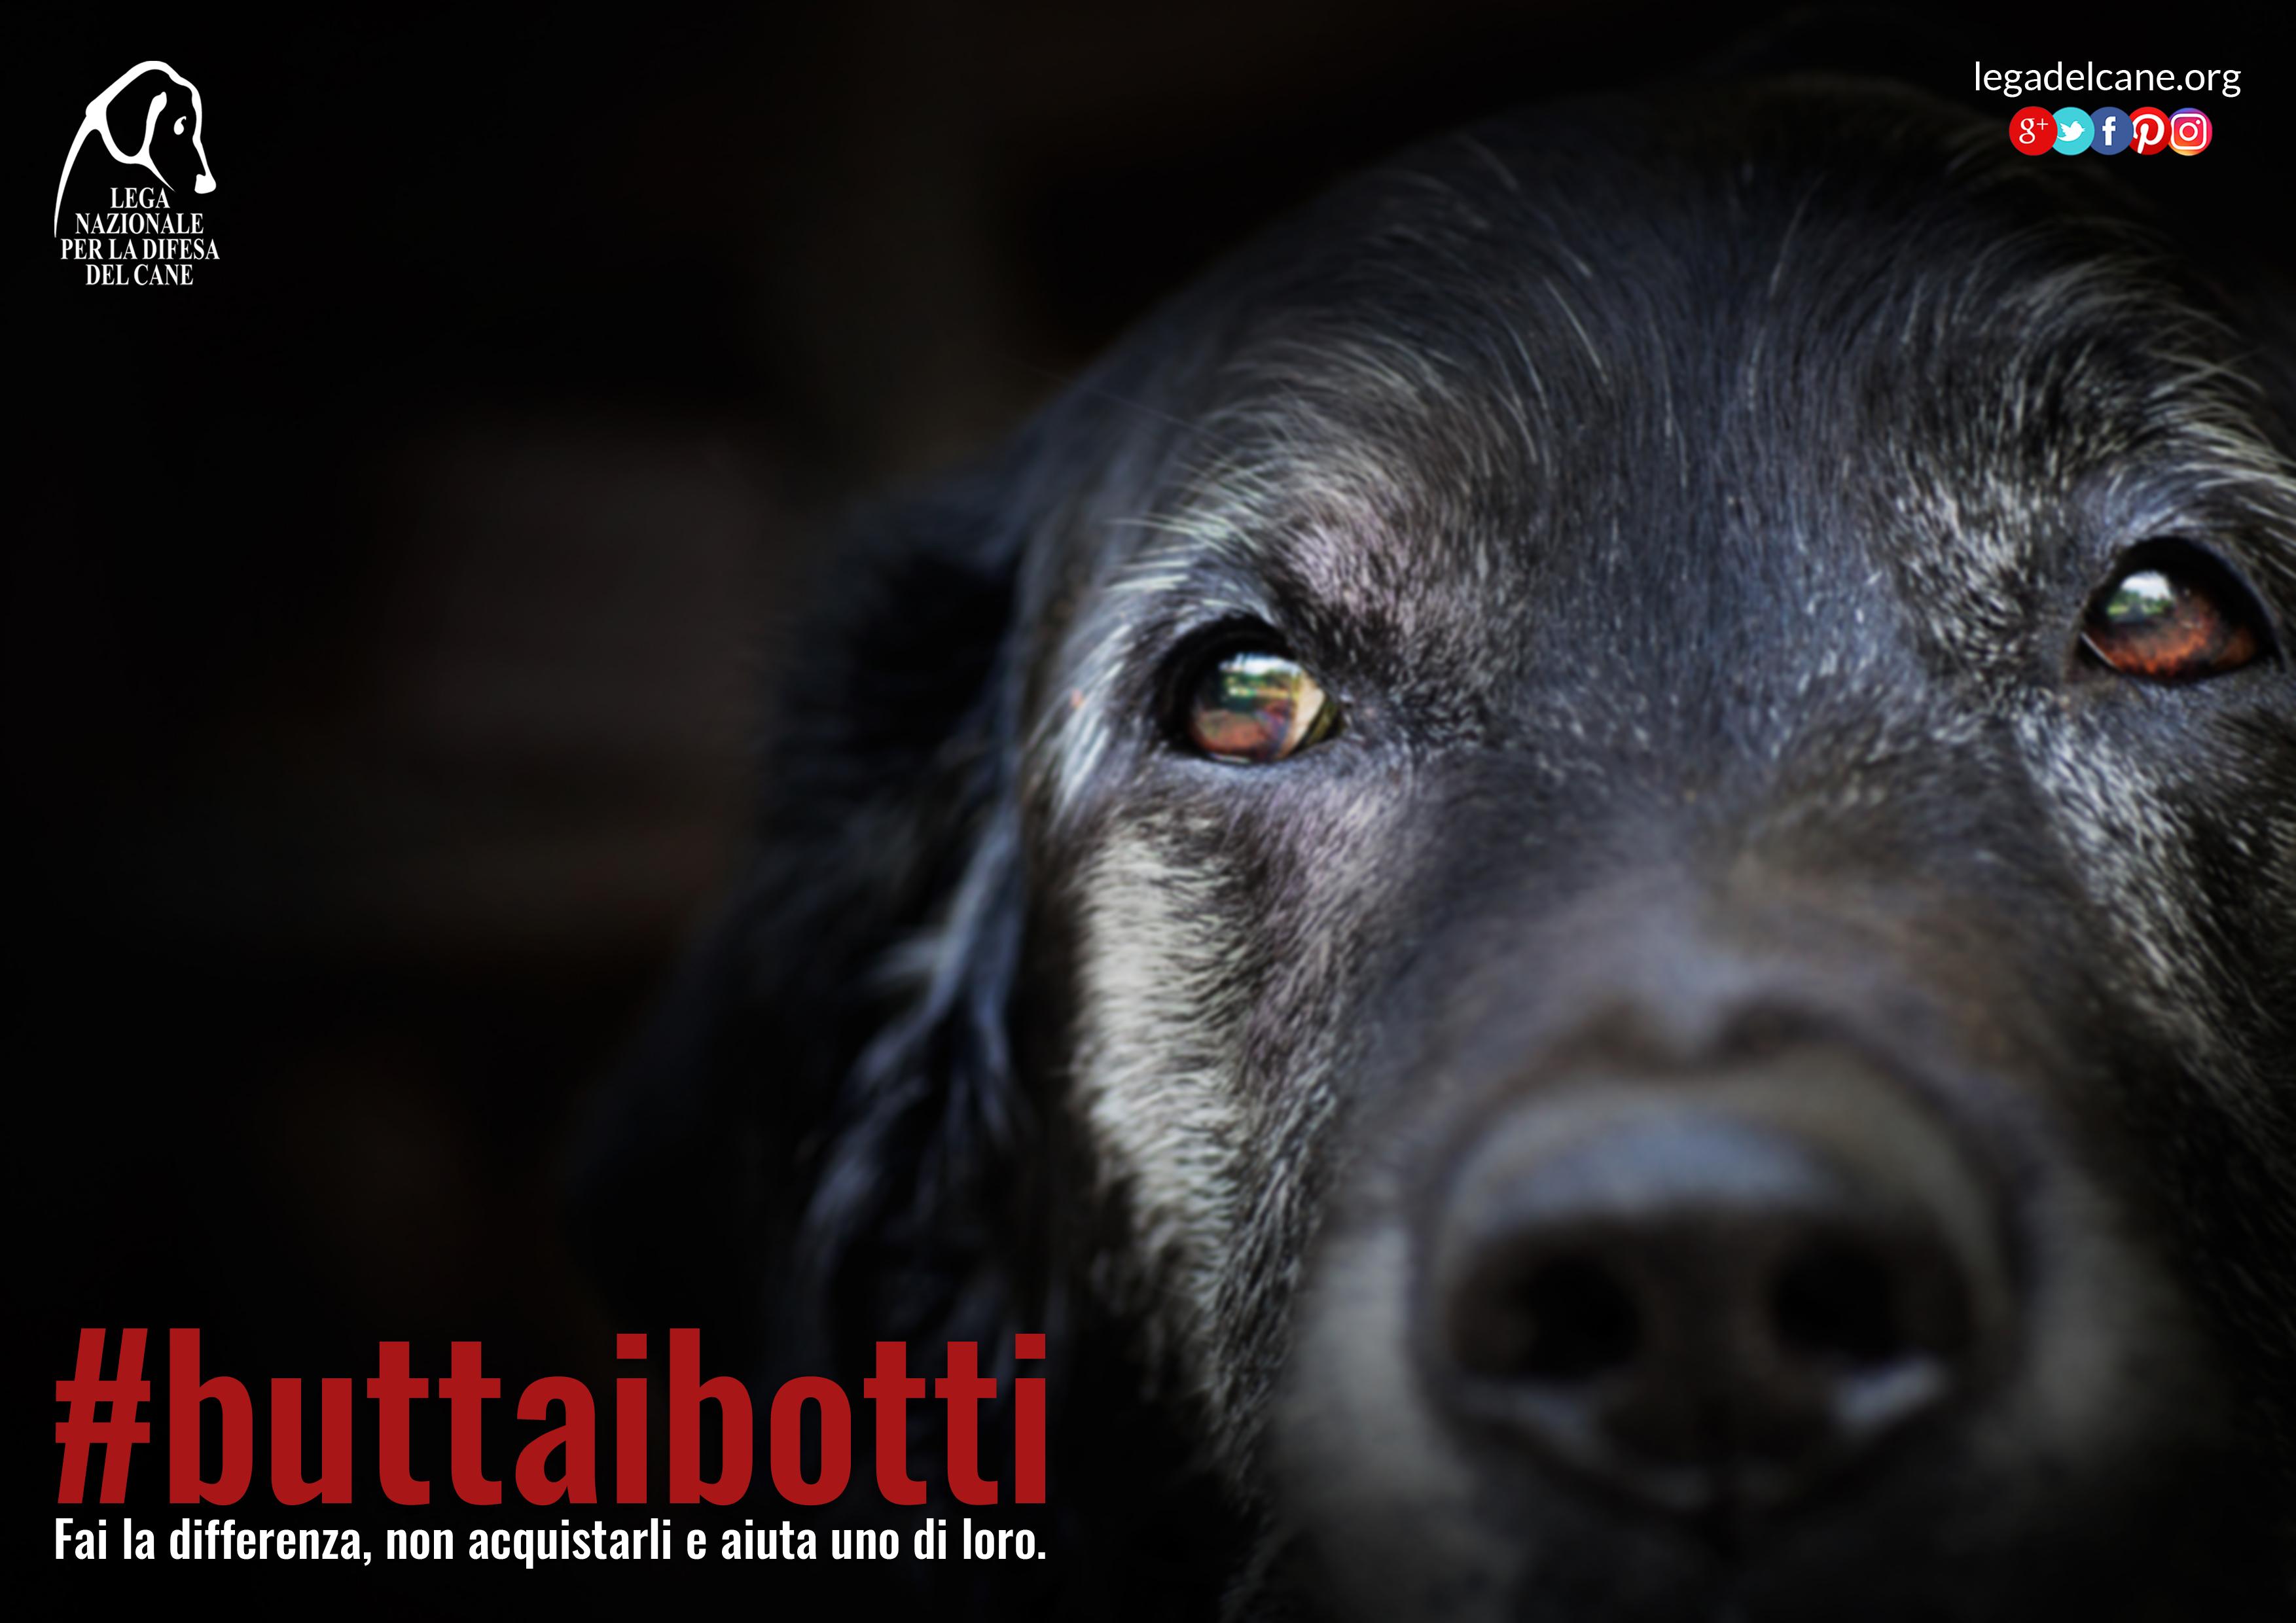 #buttaibotti 2016 – Un Capodanno all'insegna del rispetto